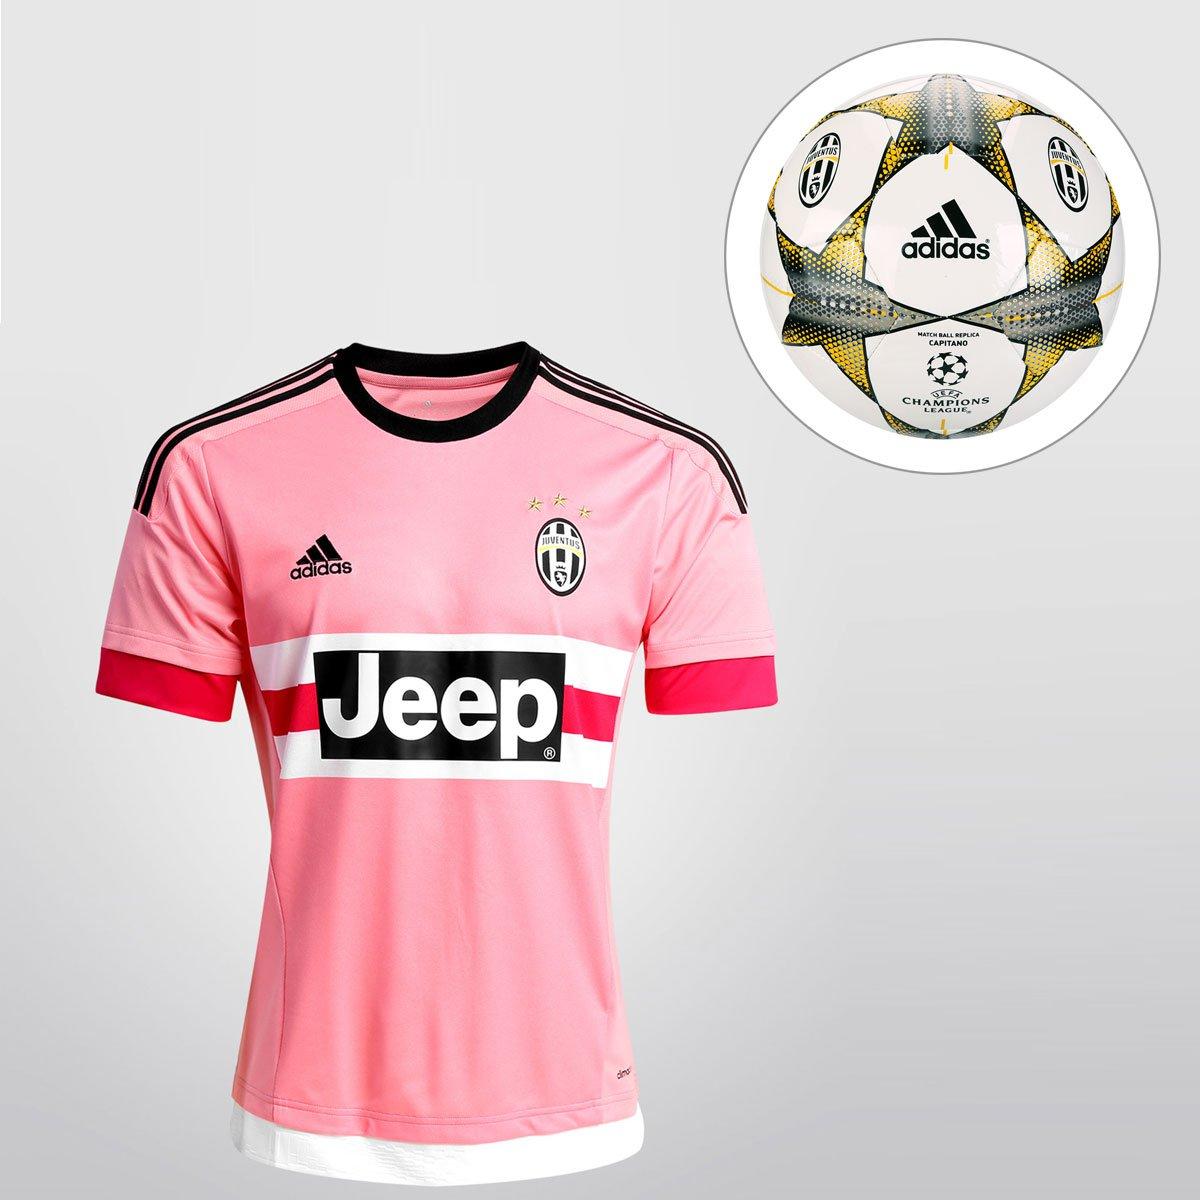 012c4ff4529bd Kit Camisa Adidas Juventus Away 15 16 s nº + Bola Adidas Juventus Finale 15  Campo - Compre Agora